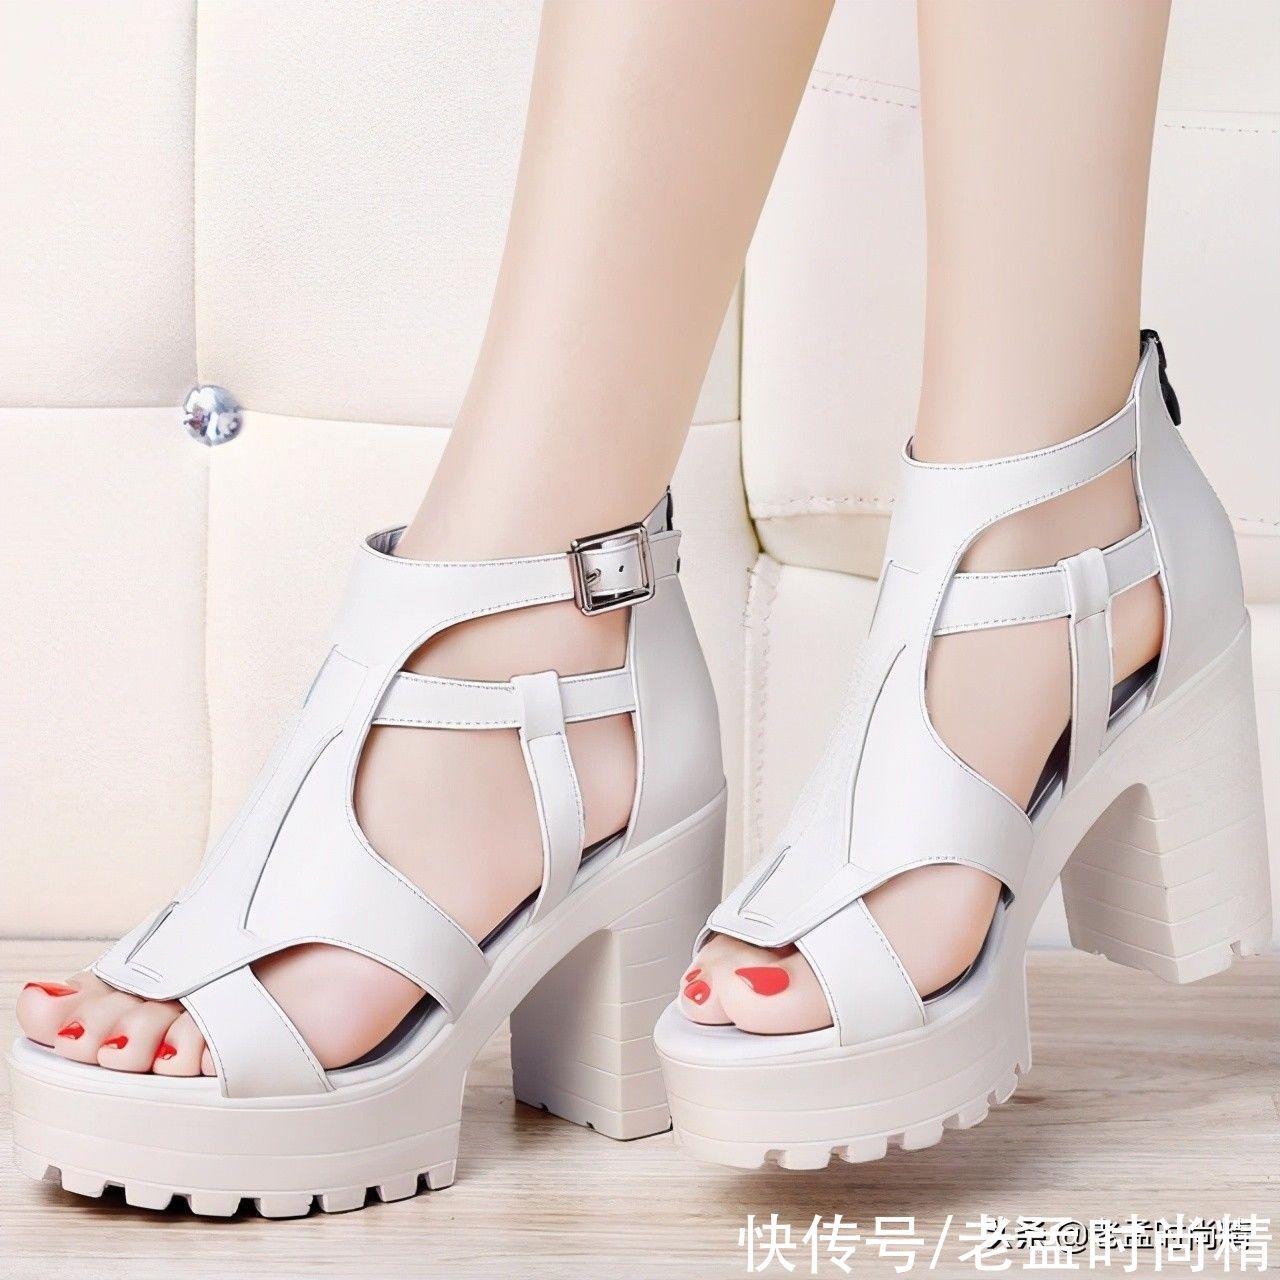 最適合夏季出街的精致女鞋,洋氣舒適更顯女人味,美翻瞭